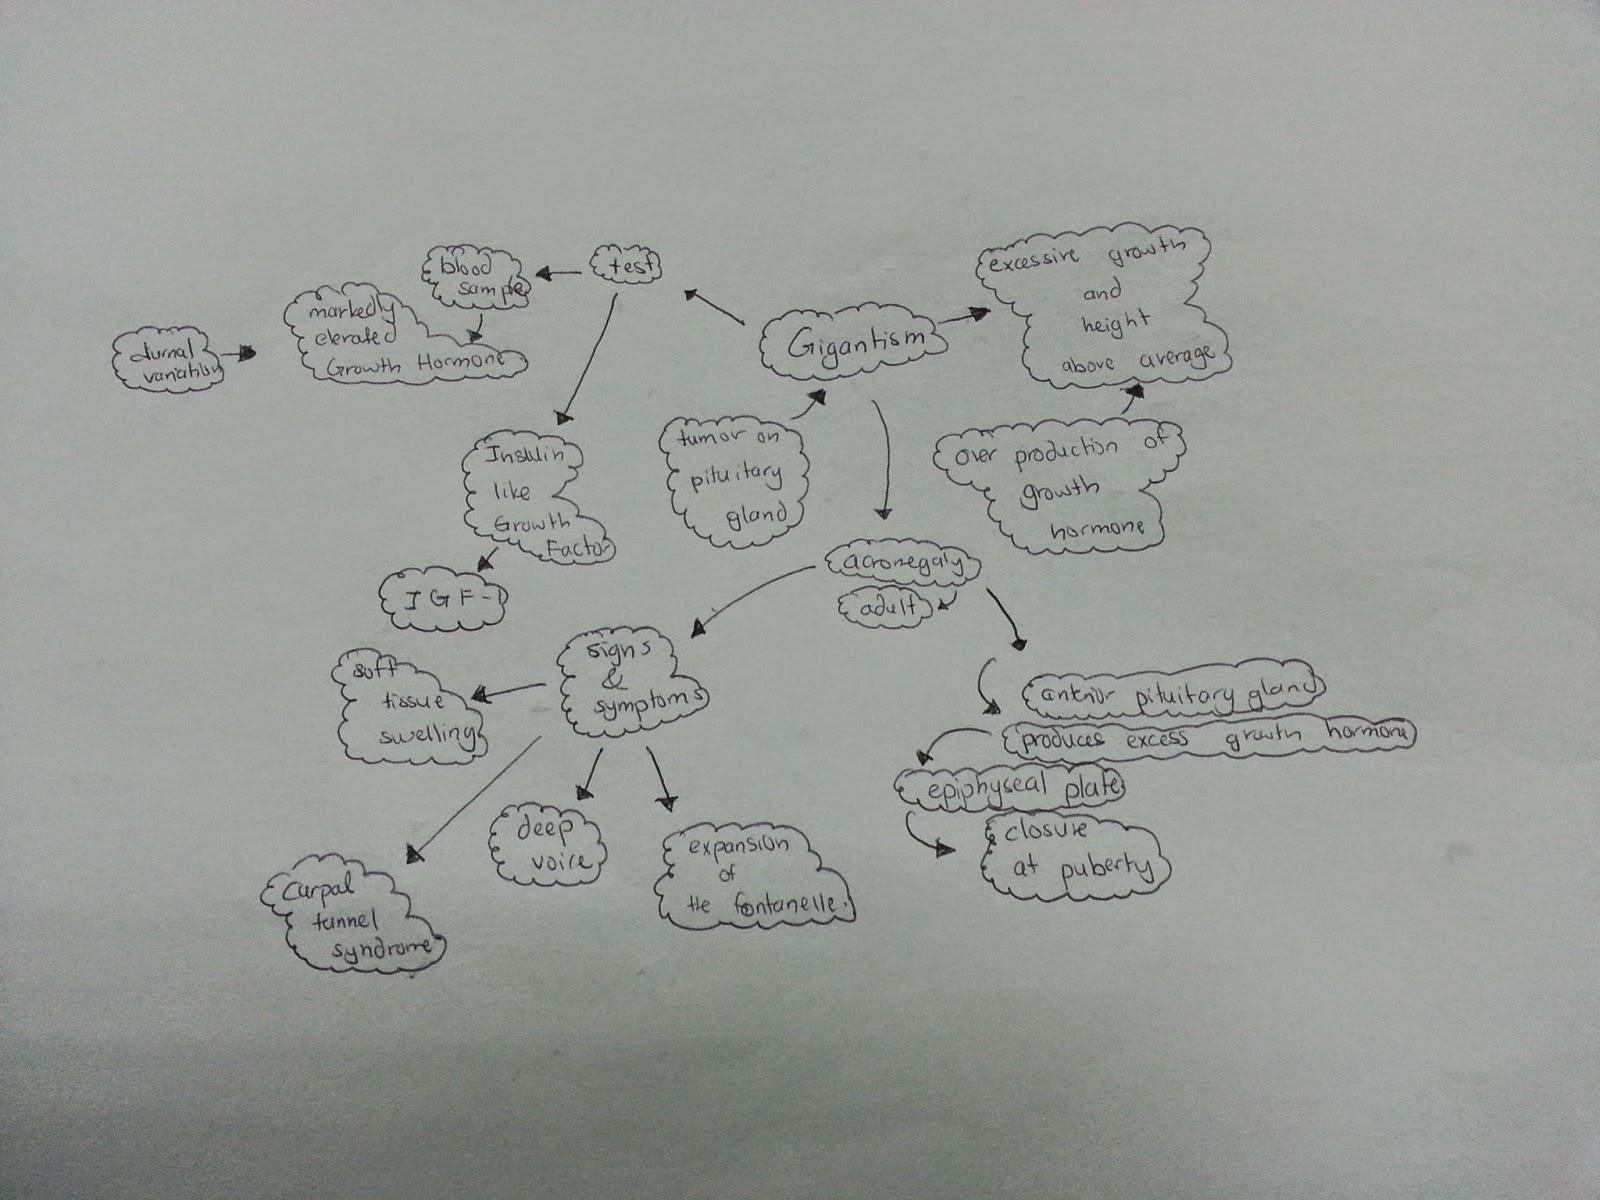 Medical Concept Maps Endocrine System